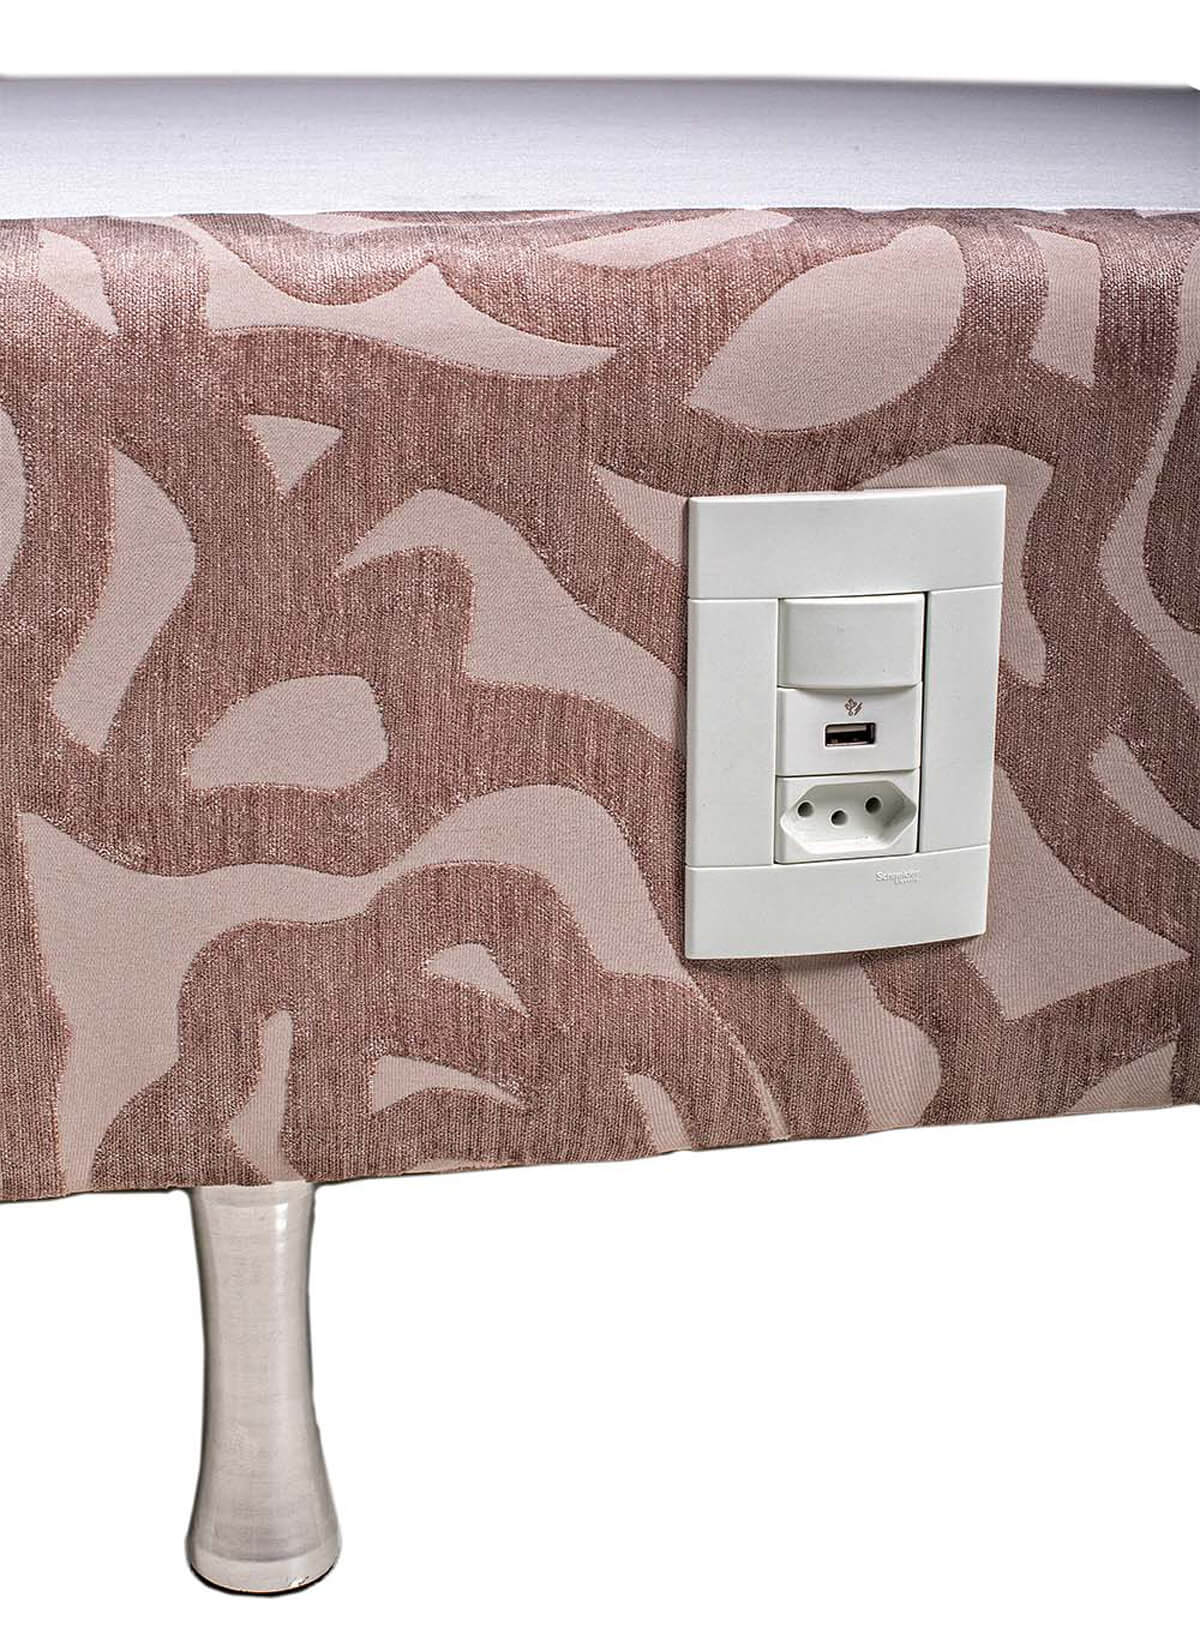 Box Iluminado Queen Size 1,58x1,98 Usb C/kit Conect Suede Kenko Premium   - Kenko Premium Colchões